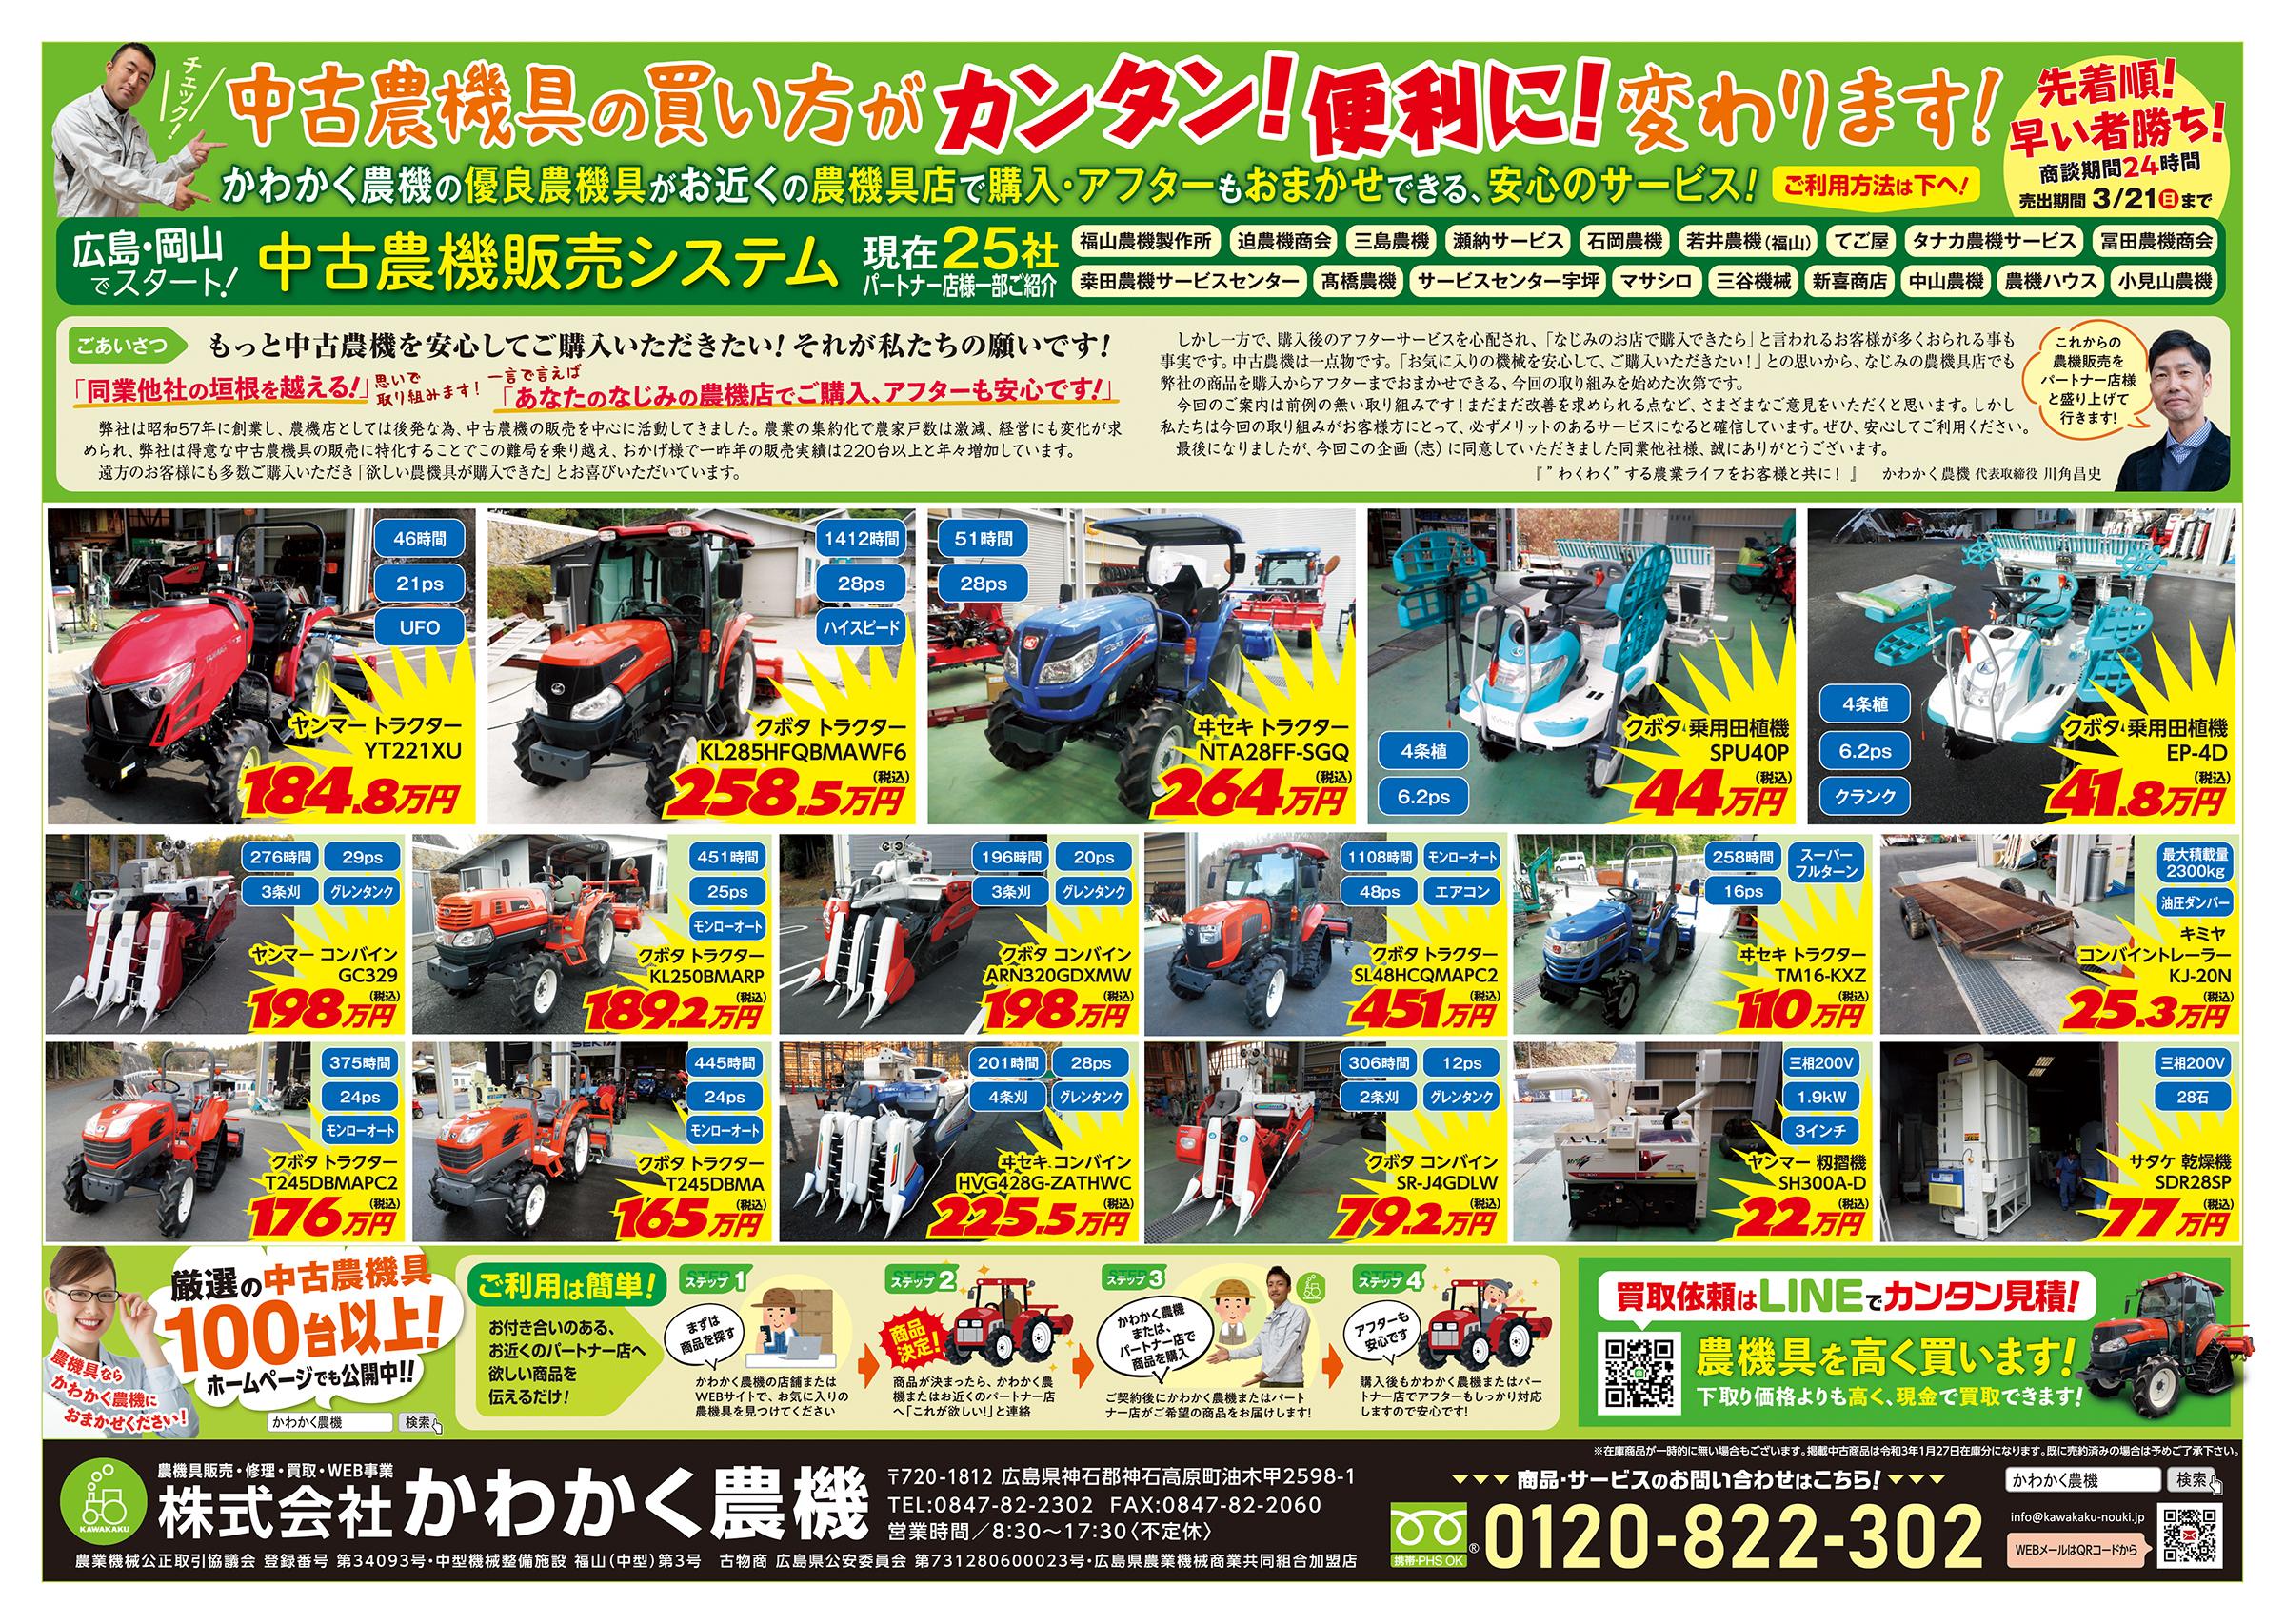 3月、農機具の買い方がカンタン!便利に!変わります!『中古農機販売システム』大盛況!